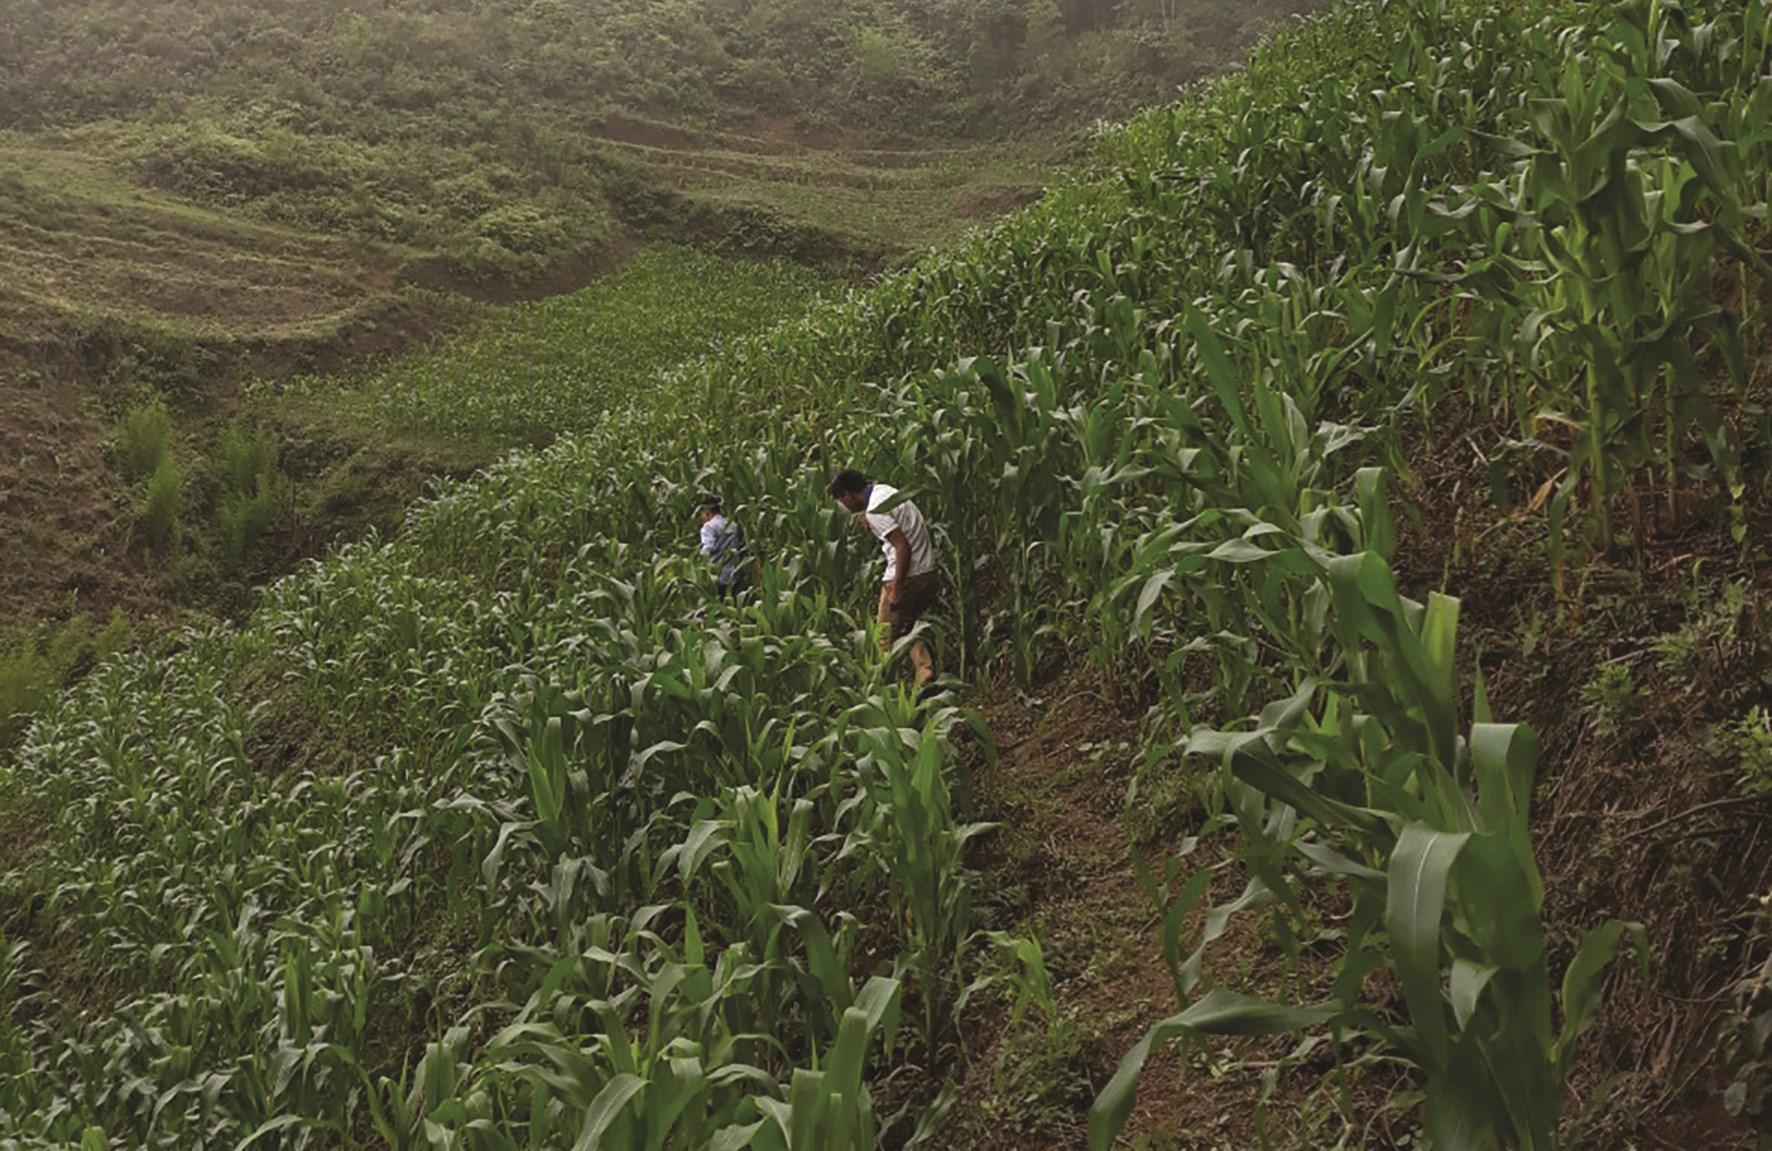 Chuyên canh sản xuất nông nghiệp theo hướng hàng hóa giúp người dân Quang Bình có thu nhập ổn định